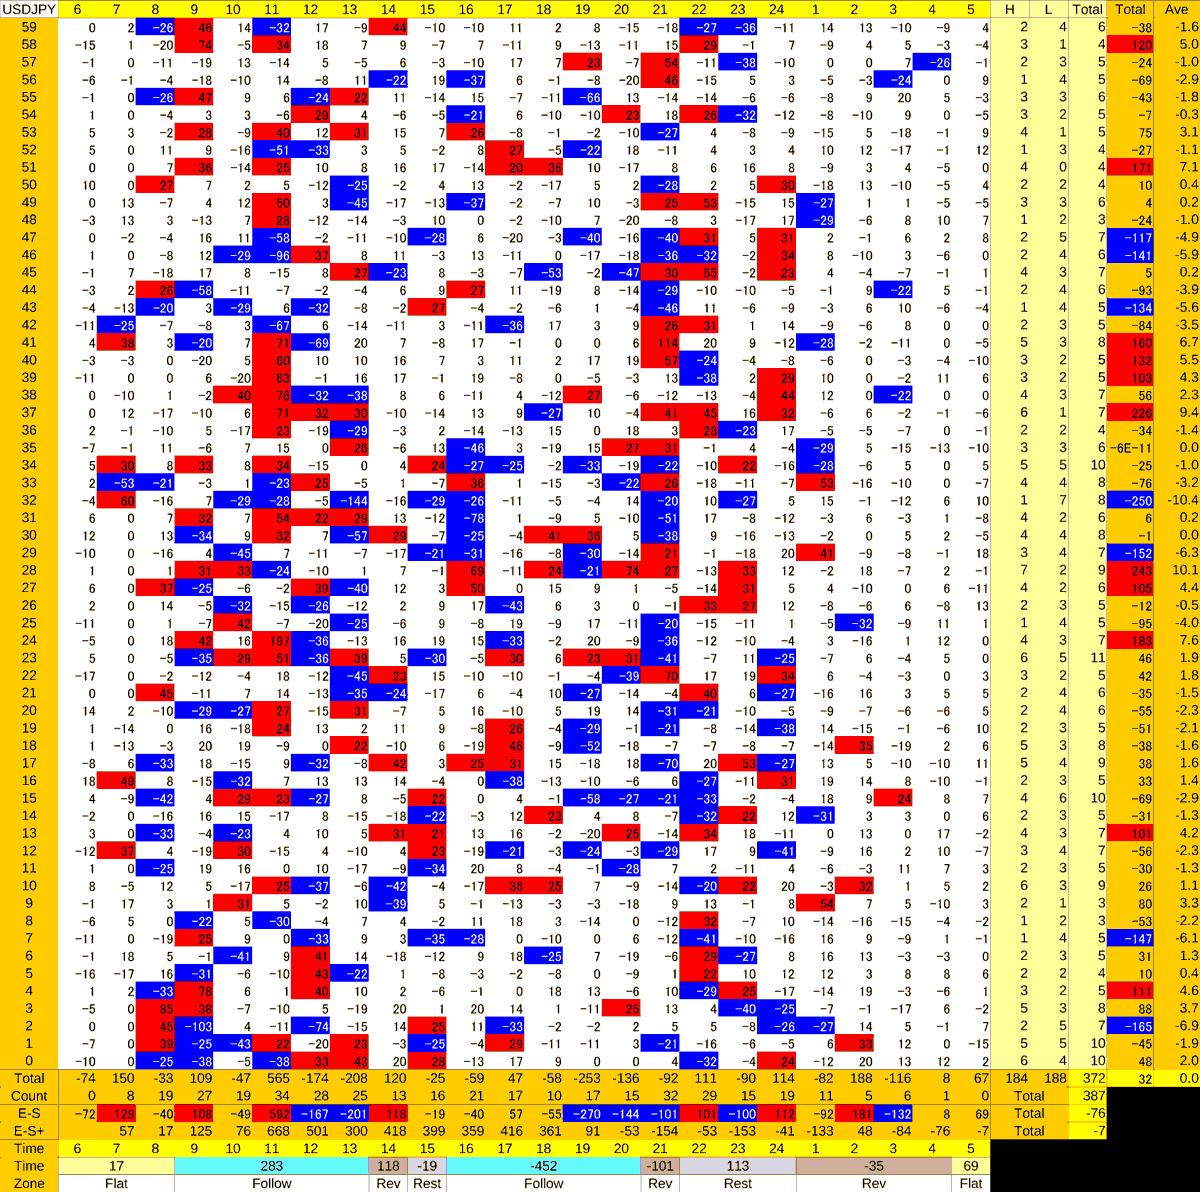 20201104_HS(1)USDJPY